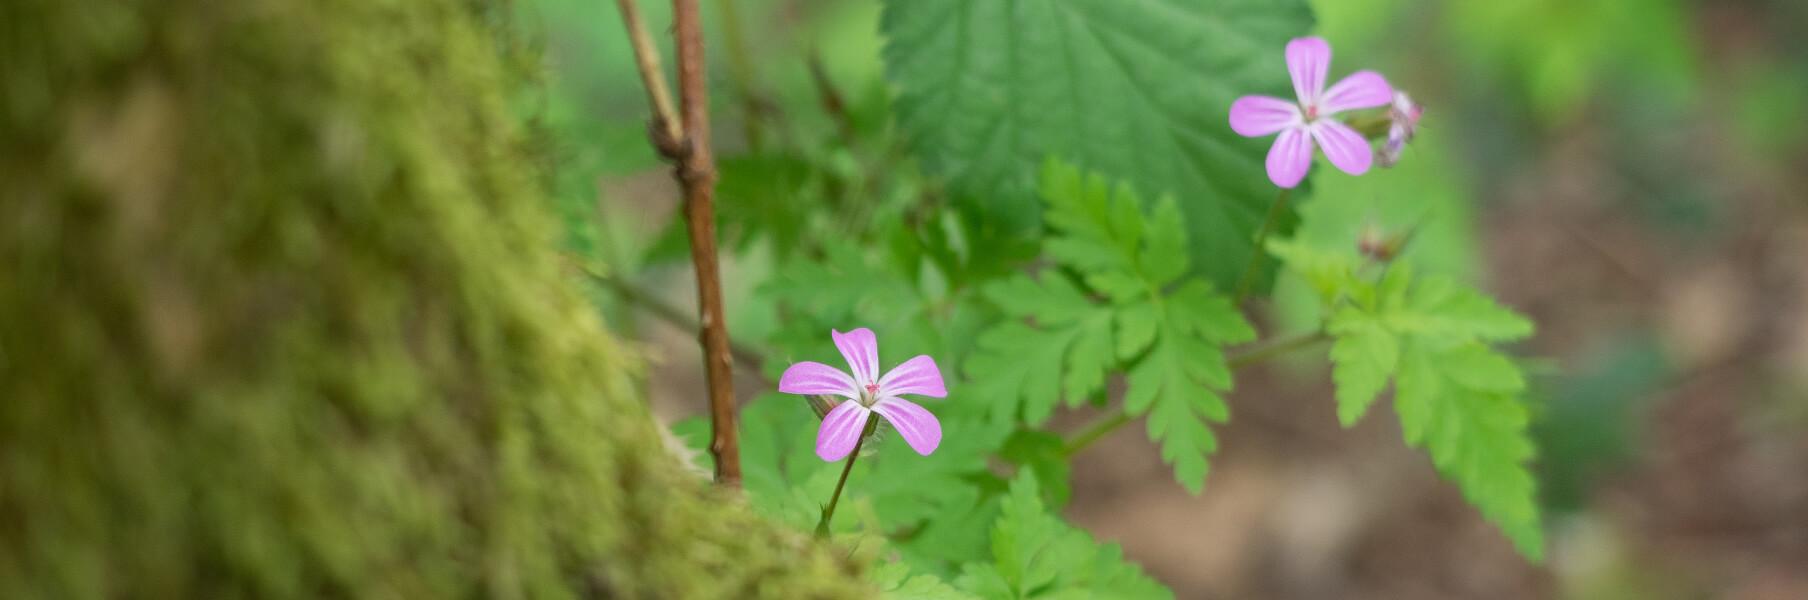 Bloemen Heide nabij locatie compassietraining